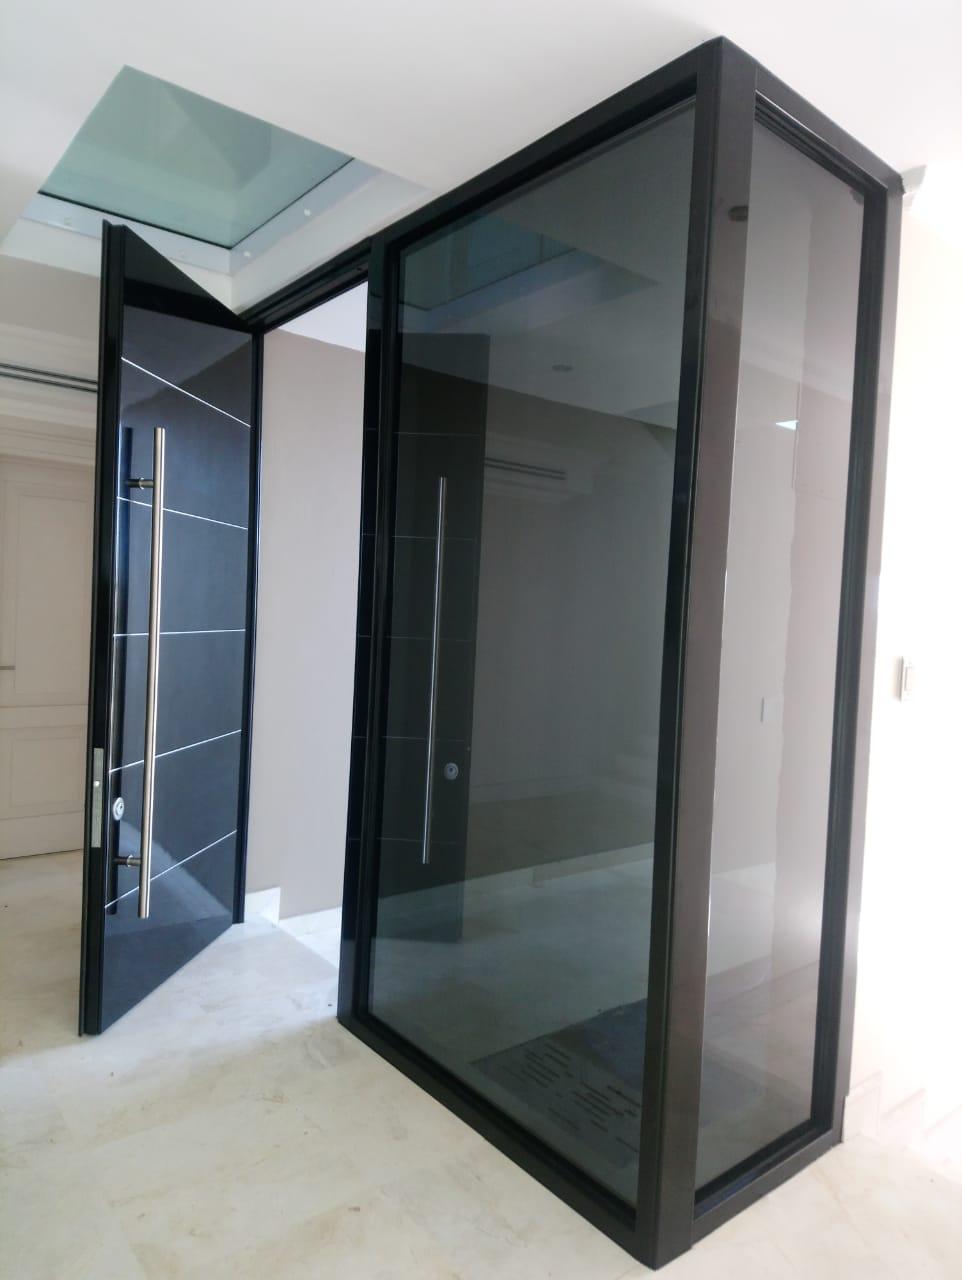 Front High security door